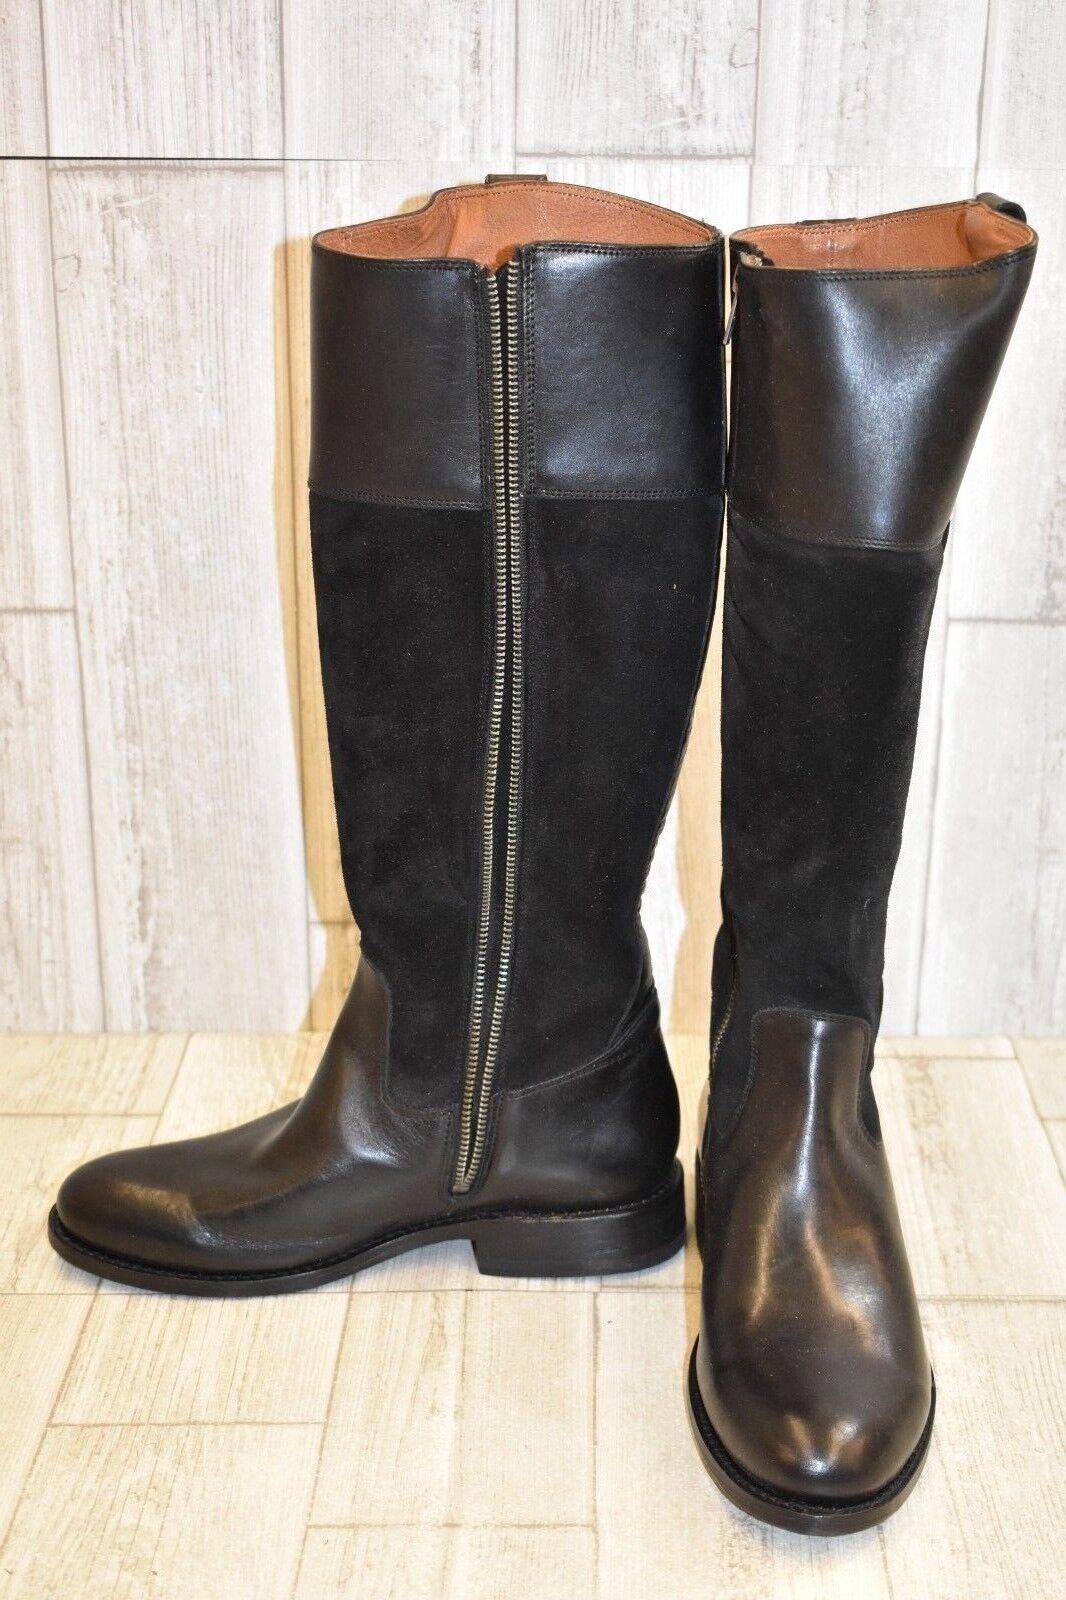 Frye Jayden botón Suede & Leather botas botas botas Altas, para mujer Talla 8B, Negro dañado 2e5d24